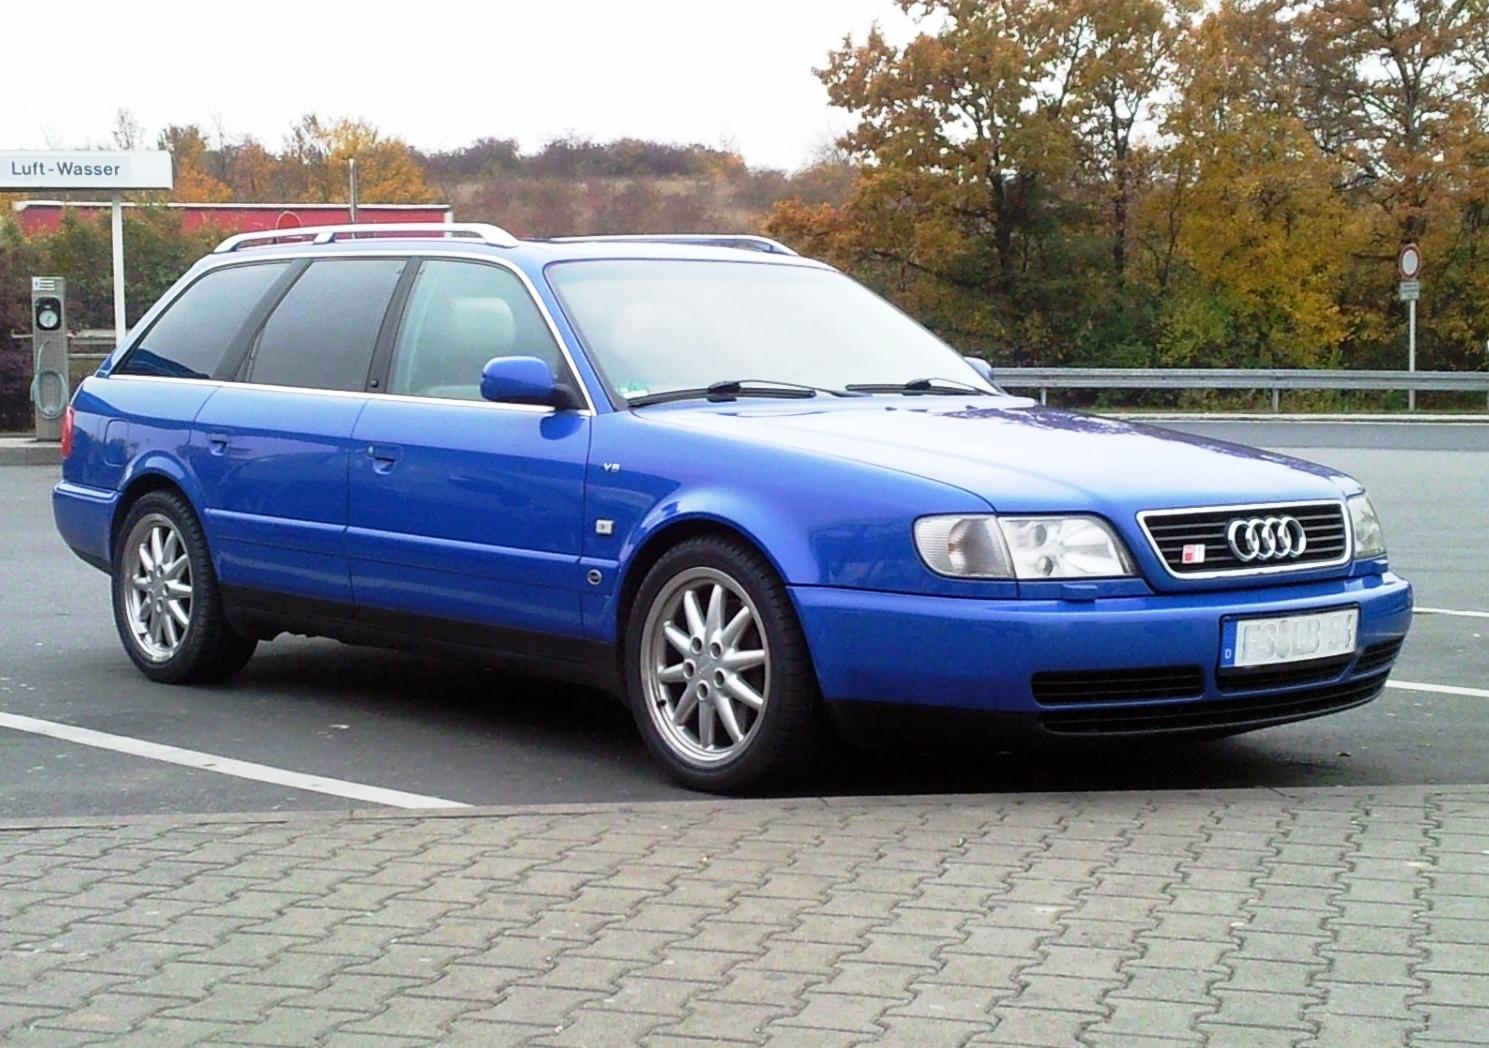 Audi S6 Technische Daten Und Verbrauch